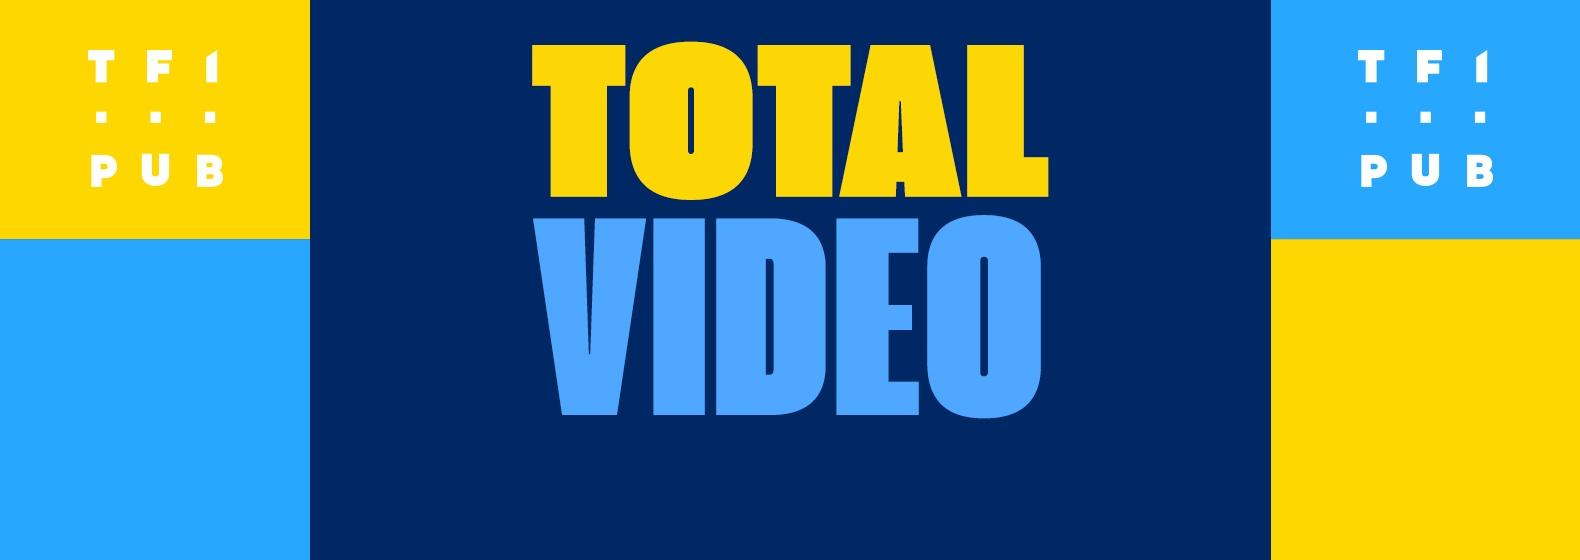 totalvideo_def.jpg